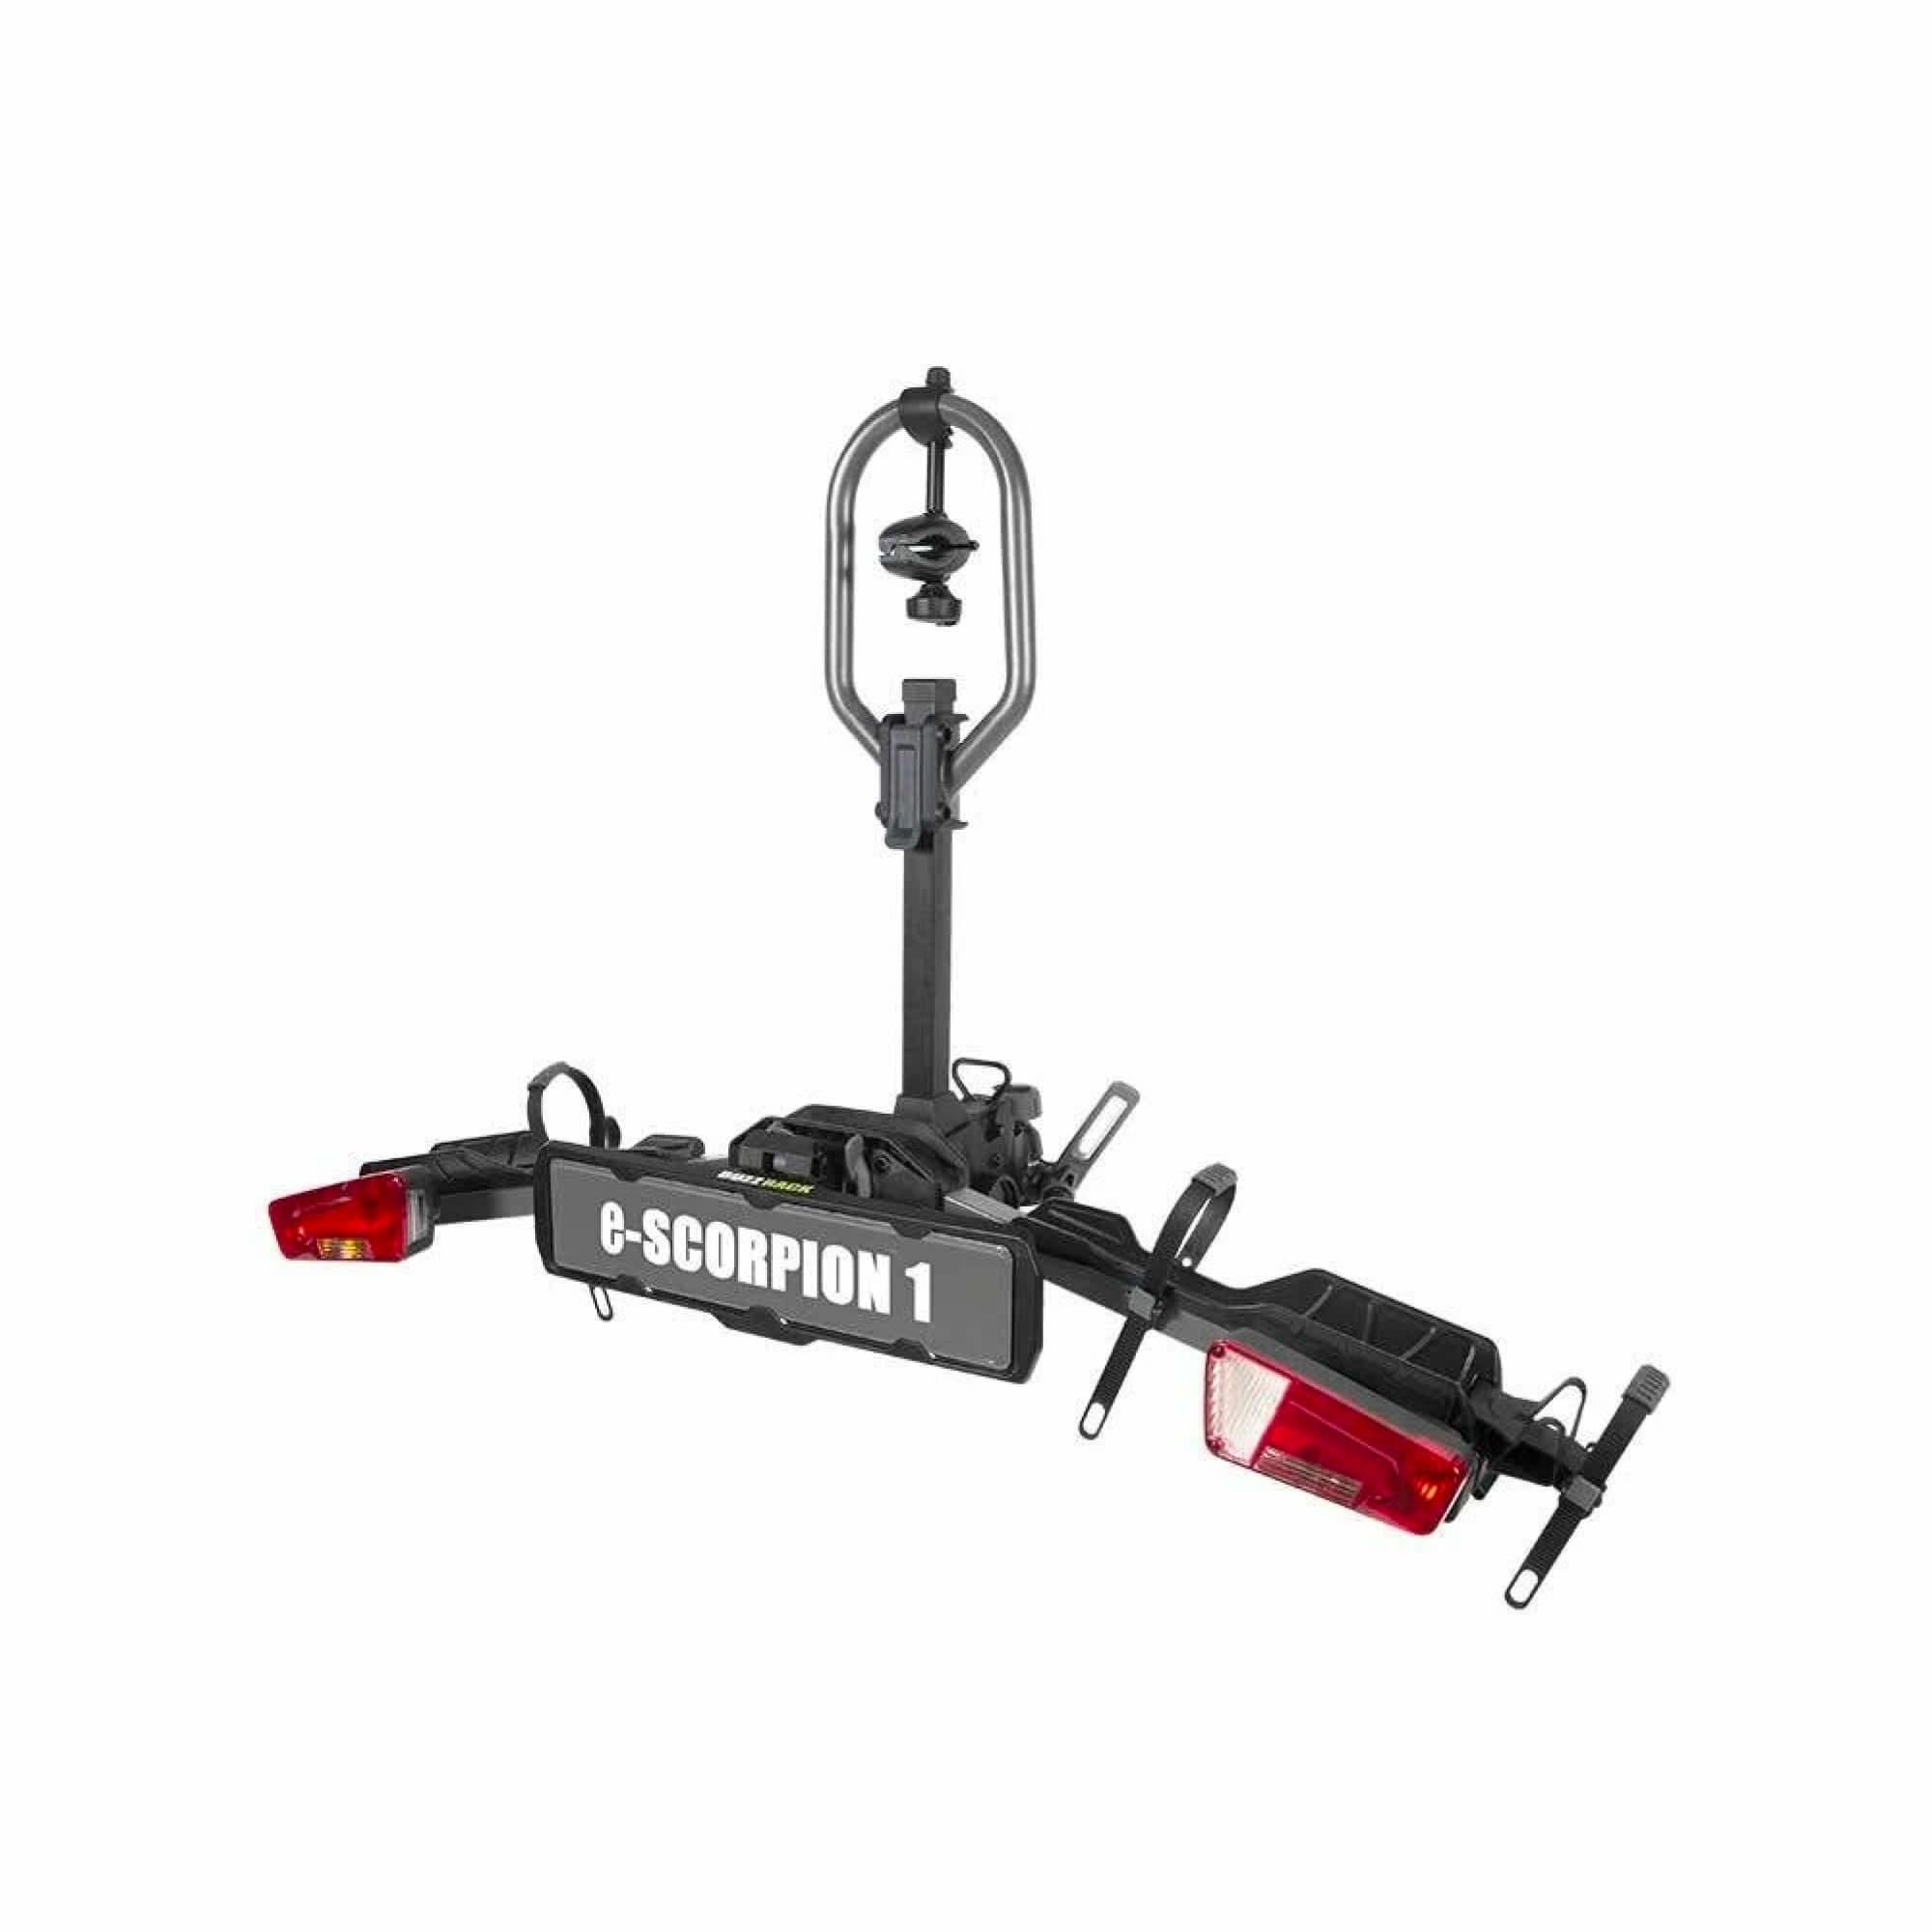 E-Scorpion for 1 Bike-1